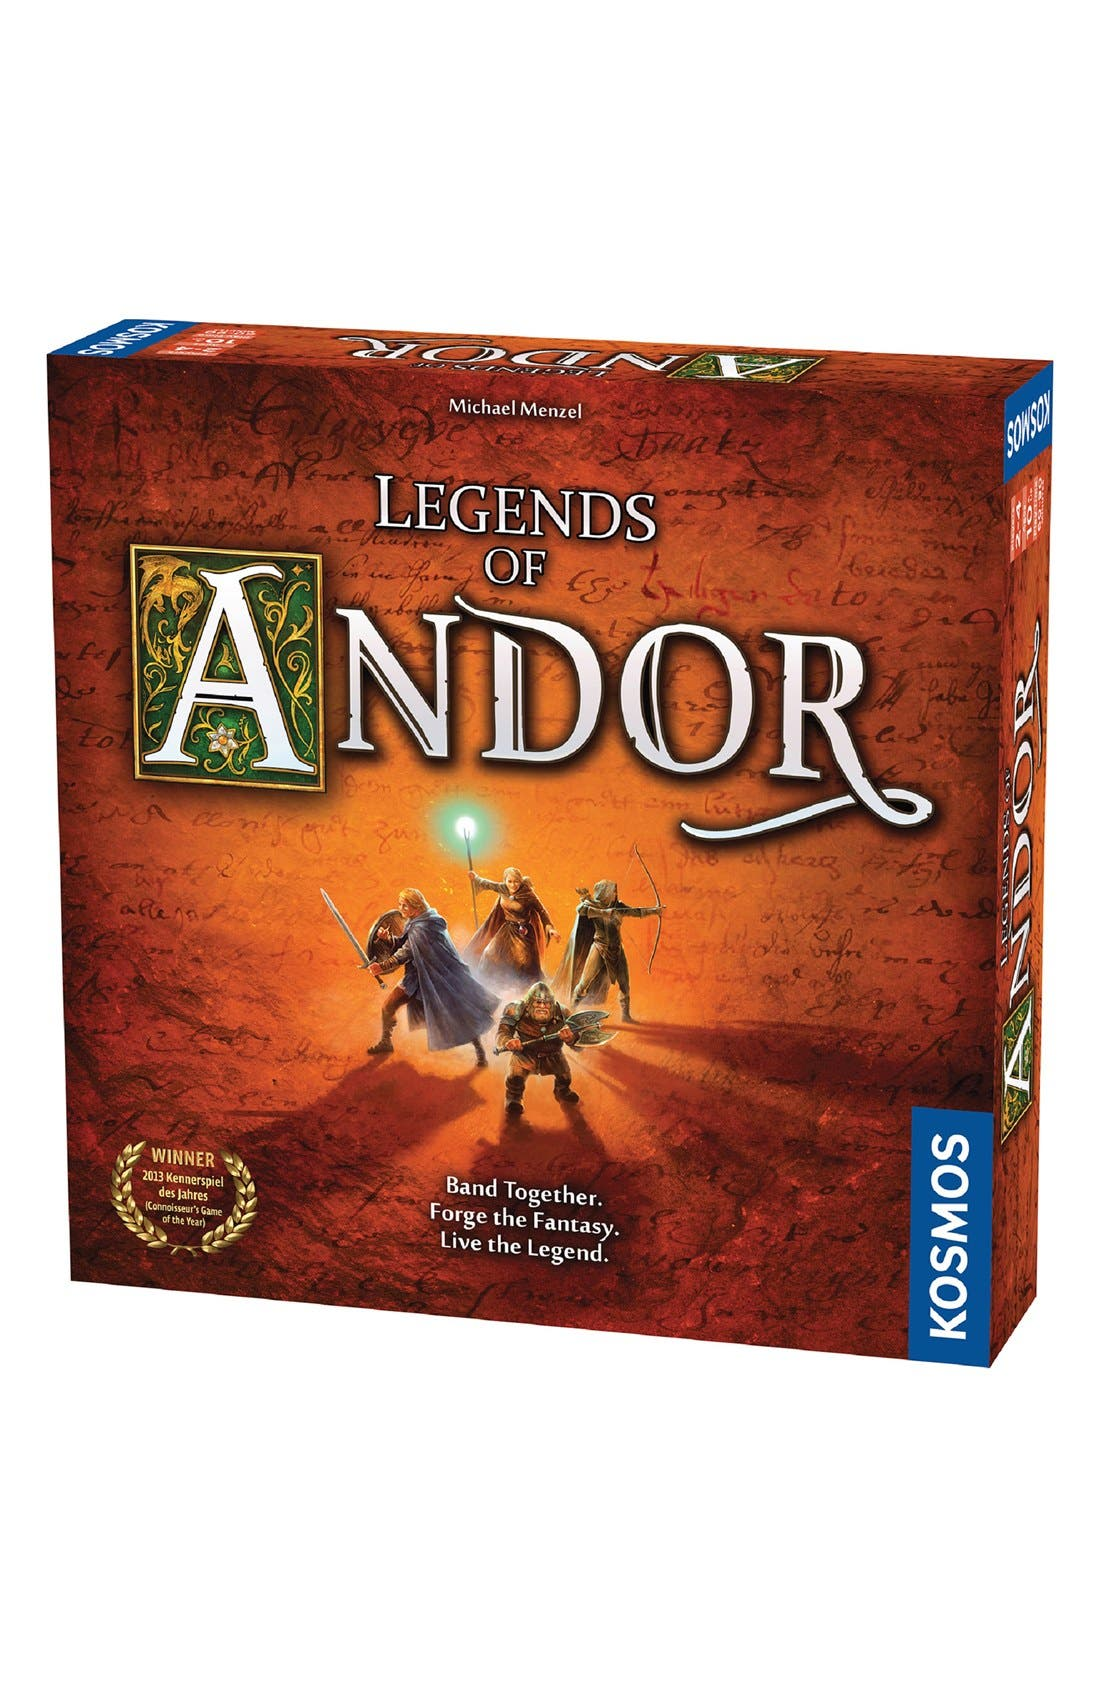 Thames & Kosmos 'Legends of Andor' Base Board Game